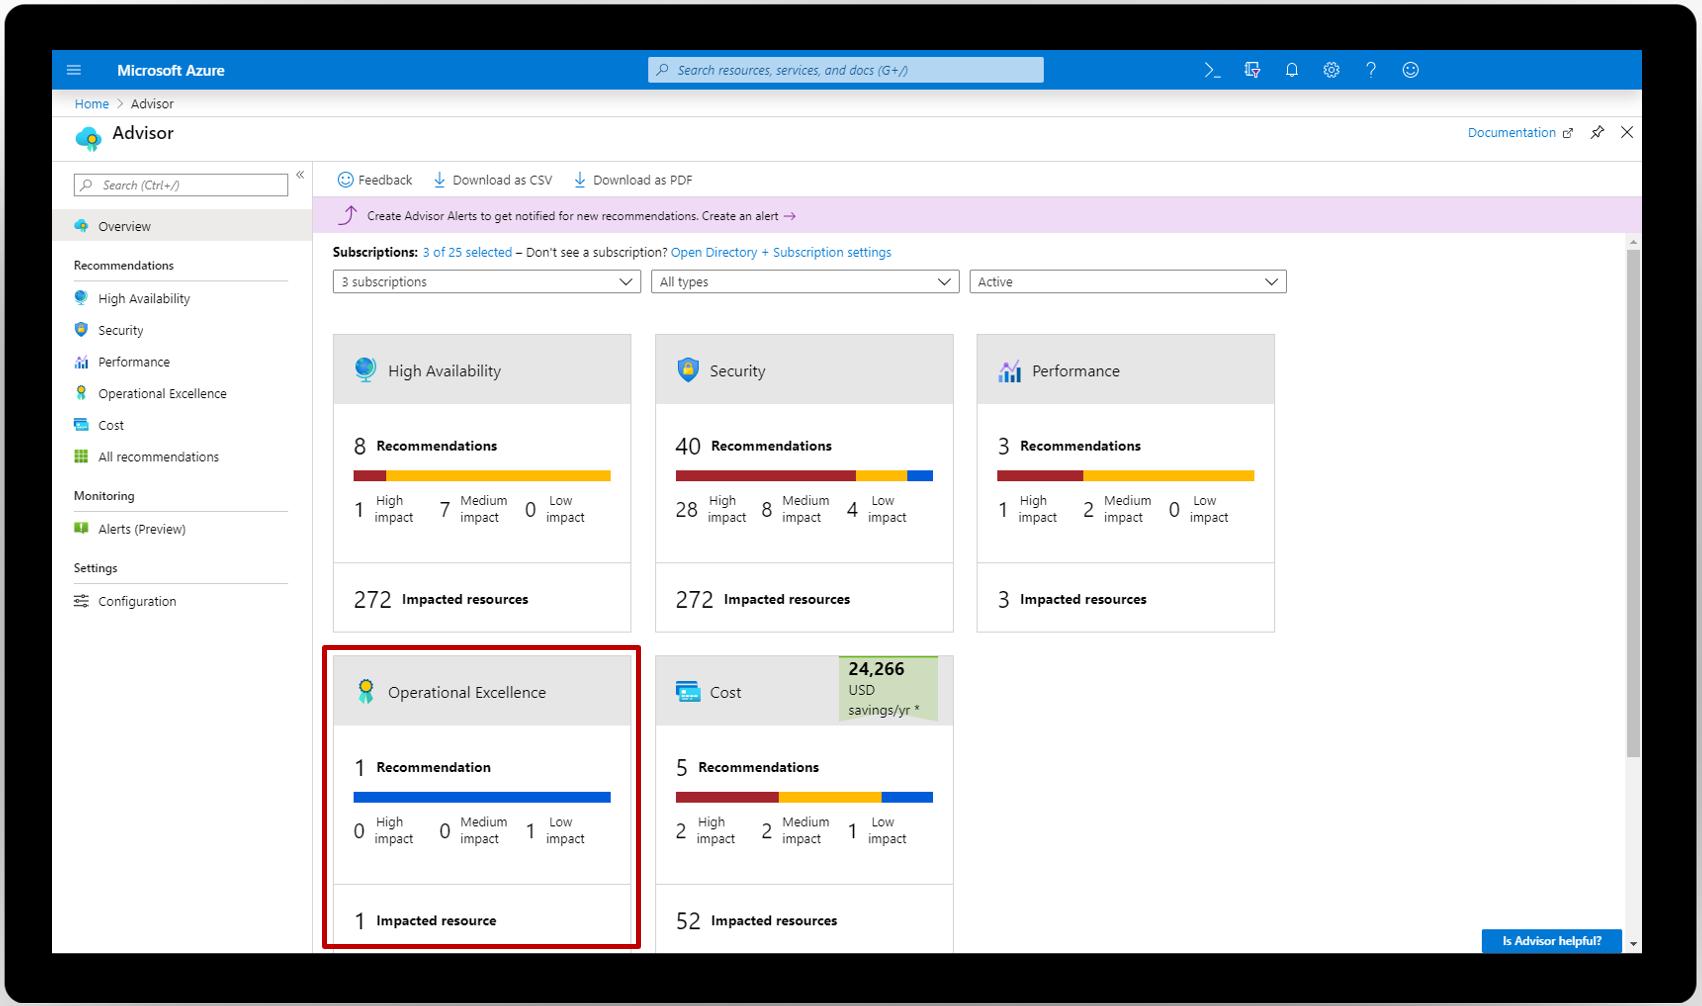 新しいオペレーショナル エクセレンス カテゴリを示す、Azure portal 内の Azure Advisor のスクリーンショット。